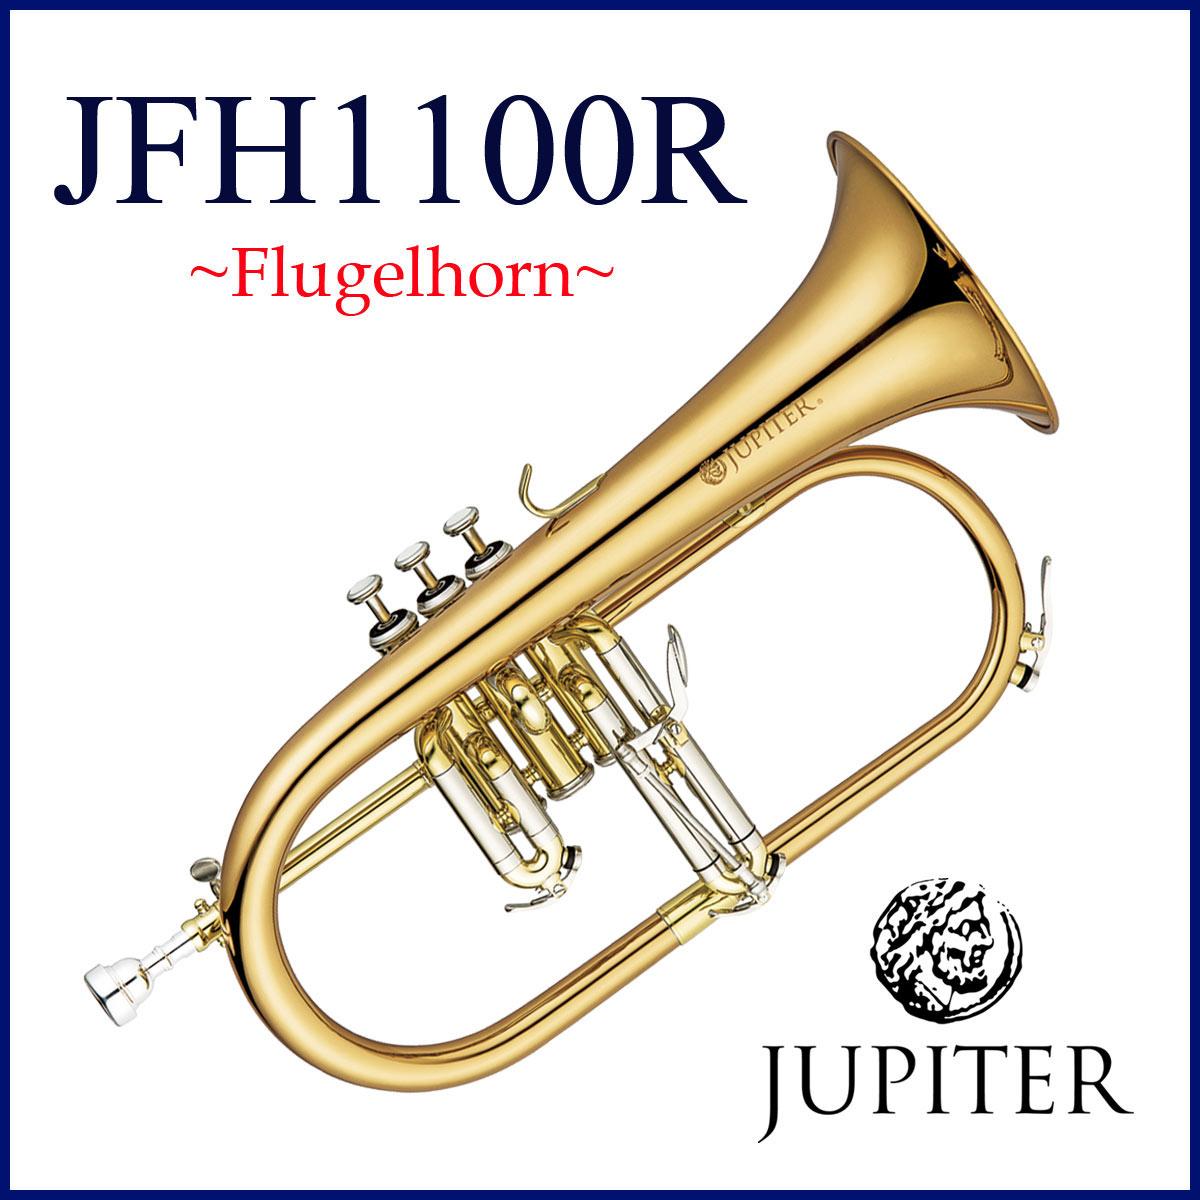 JUPITER / JFH-1100R ジュピターフリューゲルホルン ローズブラスベル ラッカー仕上げ《お取り寄せ》